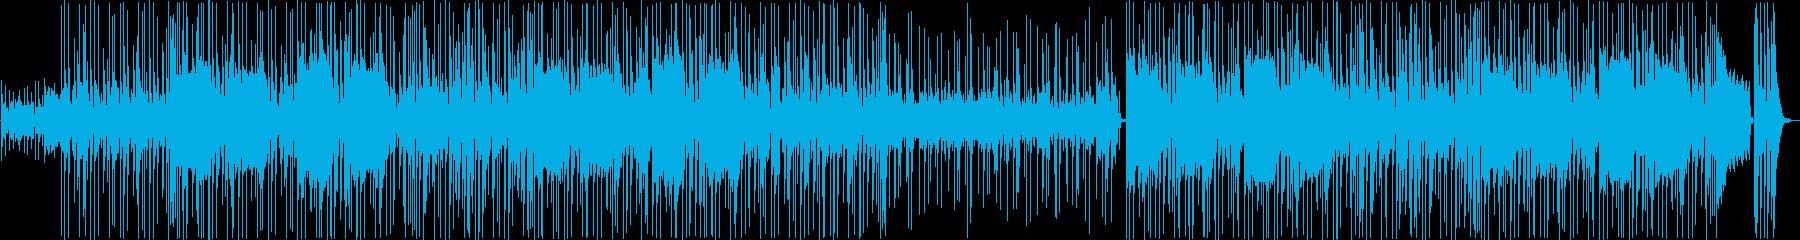 少しレトロでリズミカルなジャズファンクの再生済みの波形